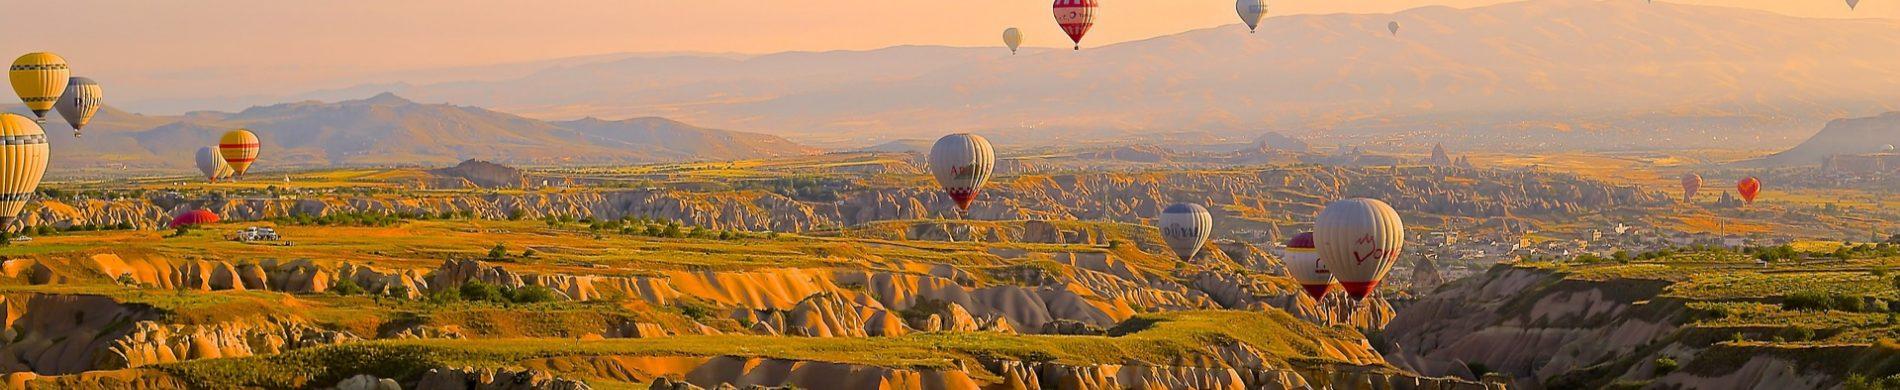 Destination : Turquie - Les matins du monde